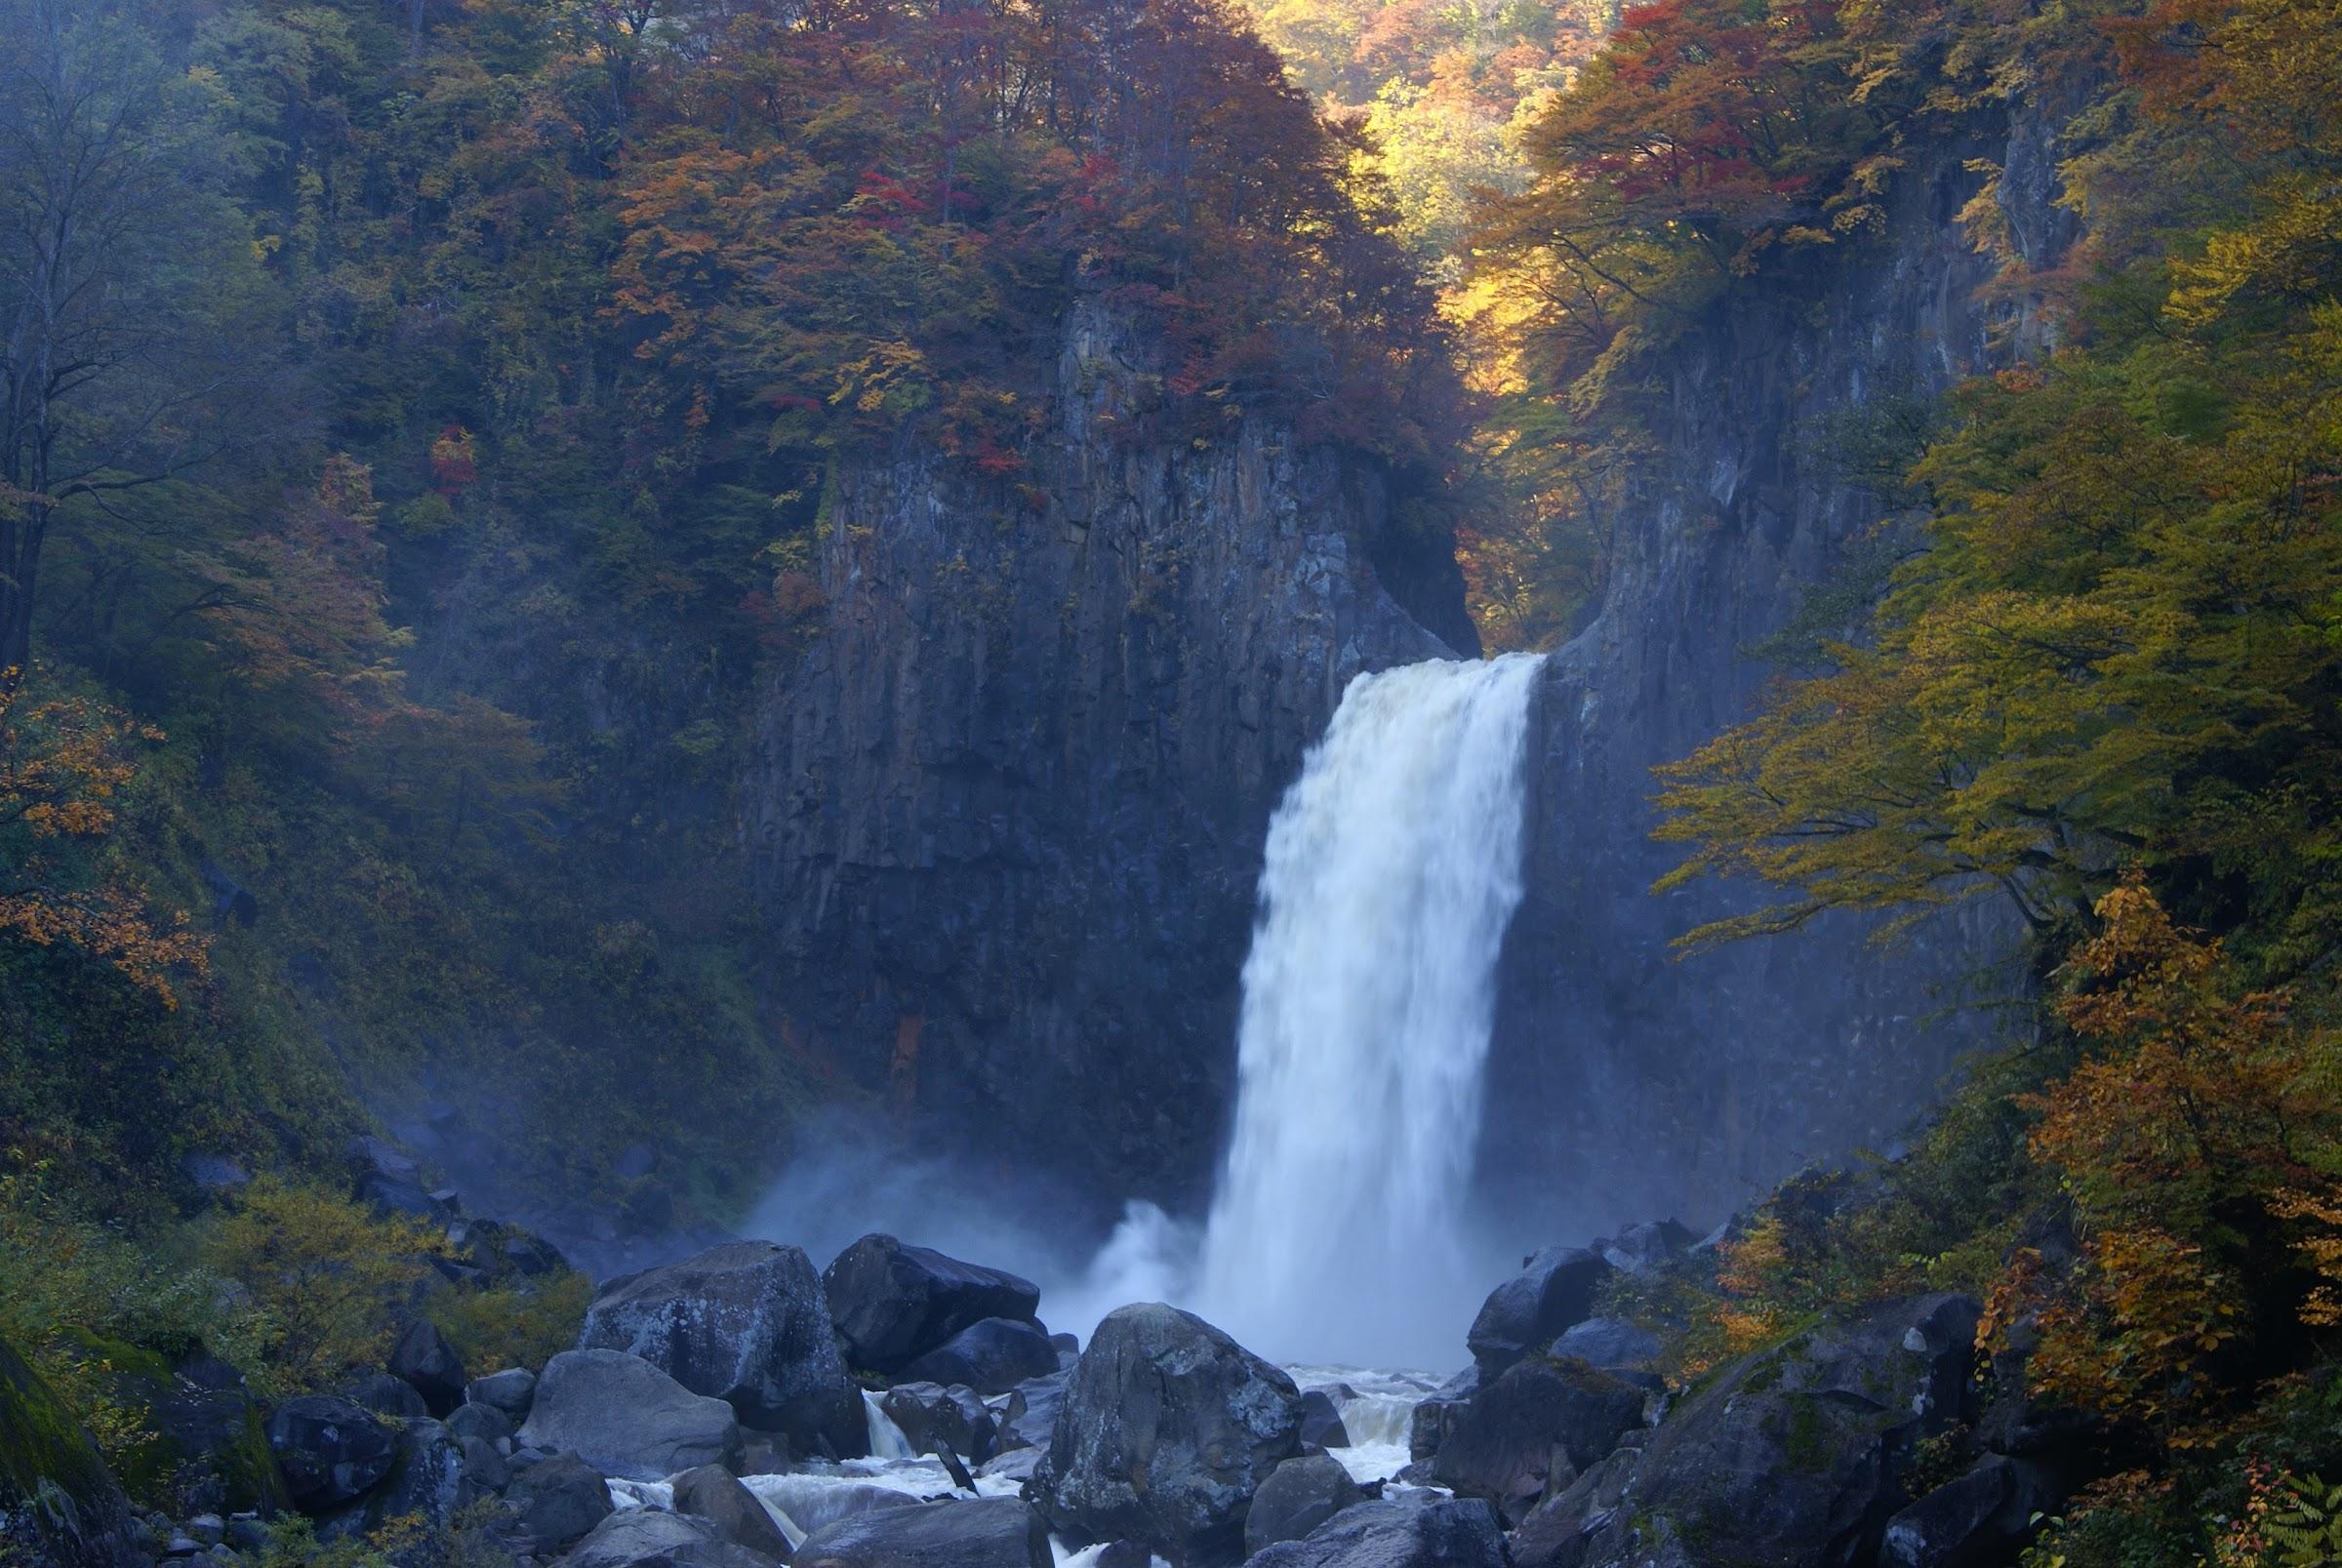 妙高02日本の滝百選「苗名滝」新潟県妙高市杉野沢2